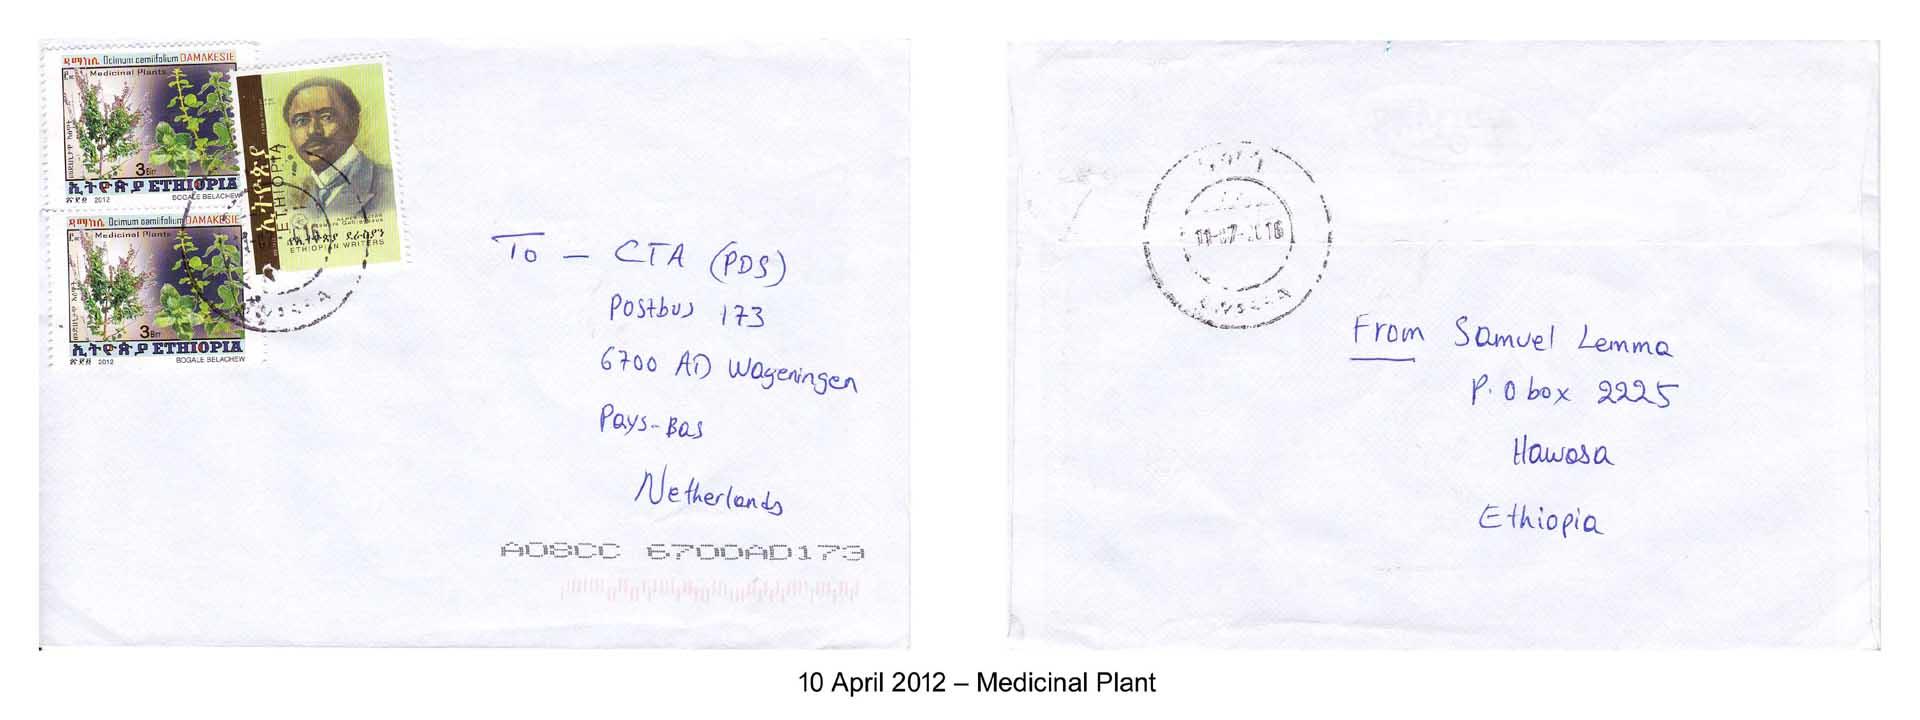 20120410 – Medicinal Plant